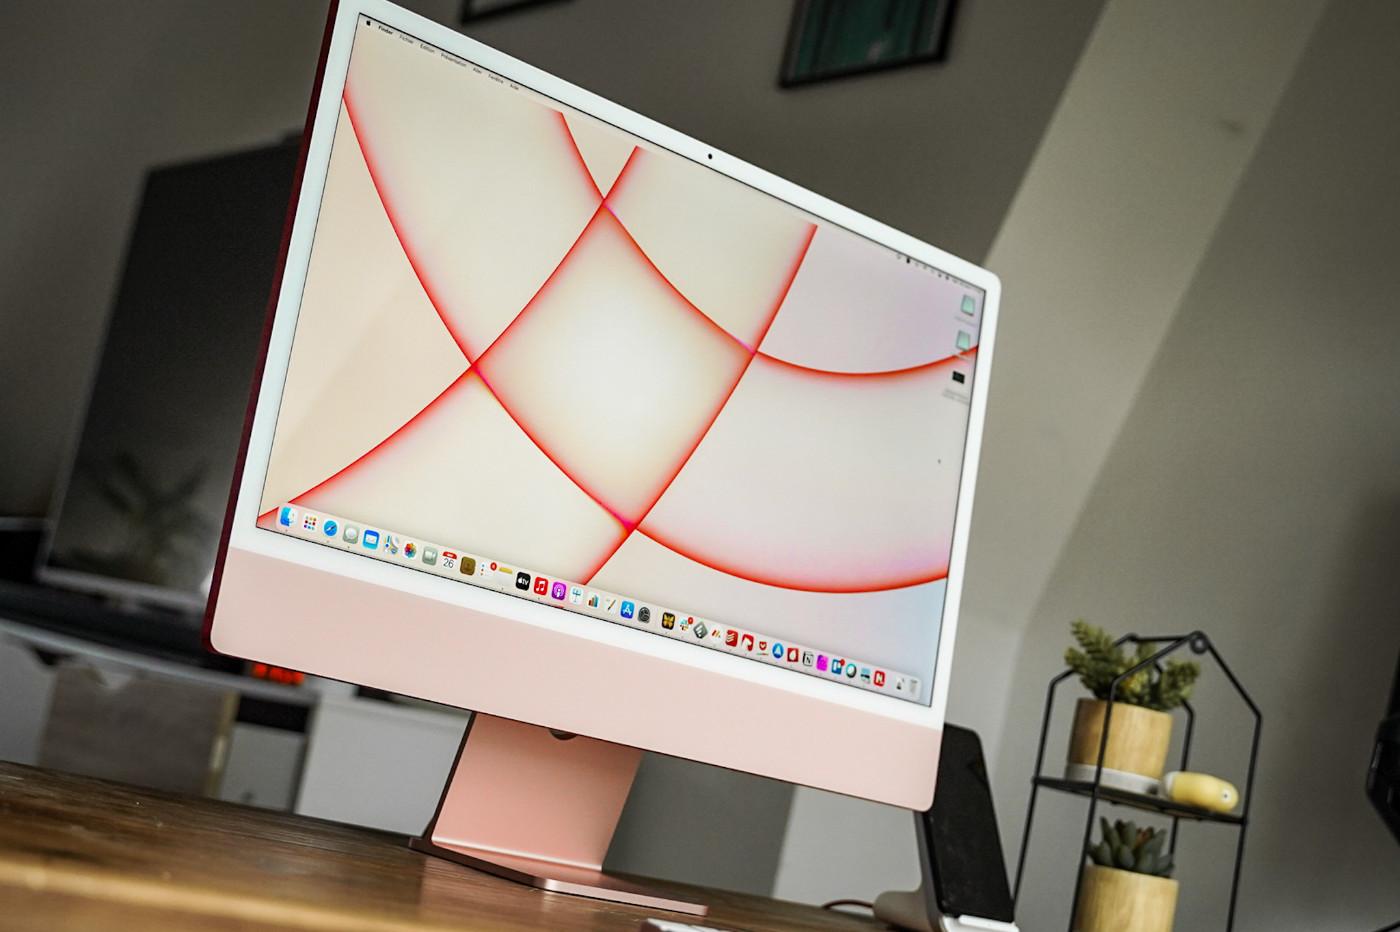 tester la conception de l'iMac m1